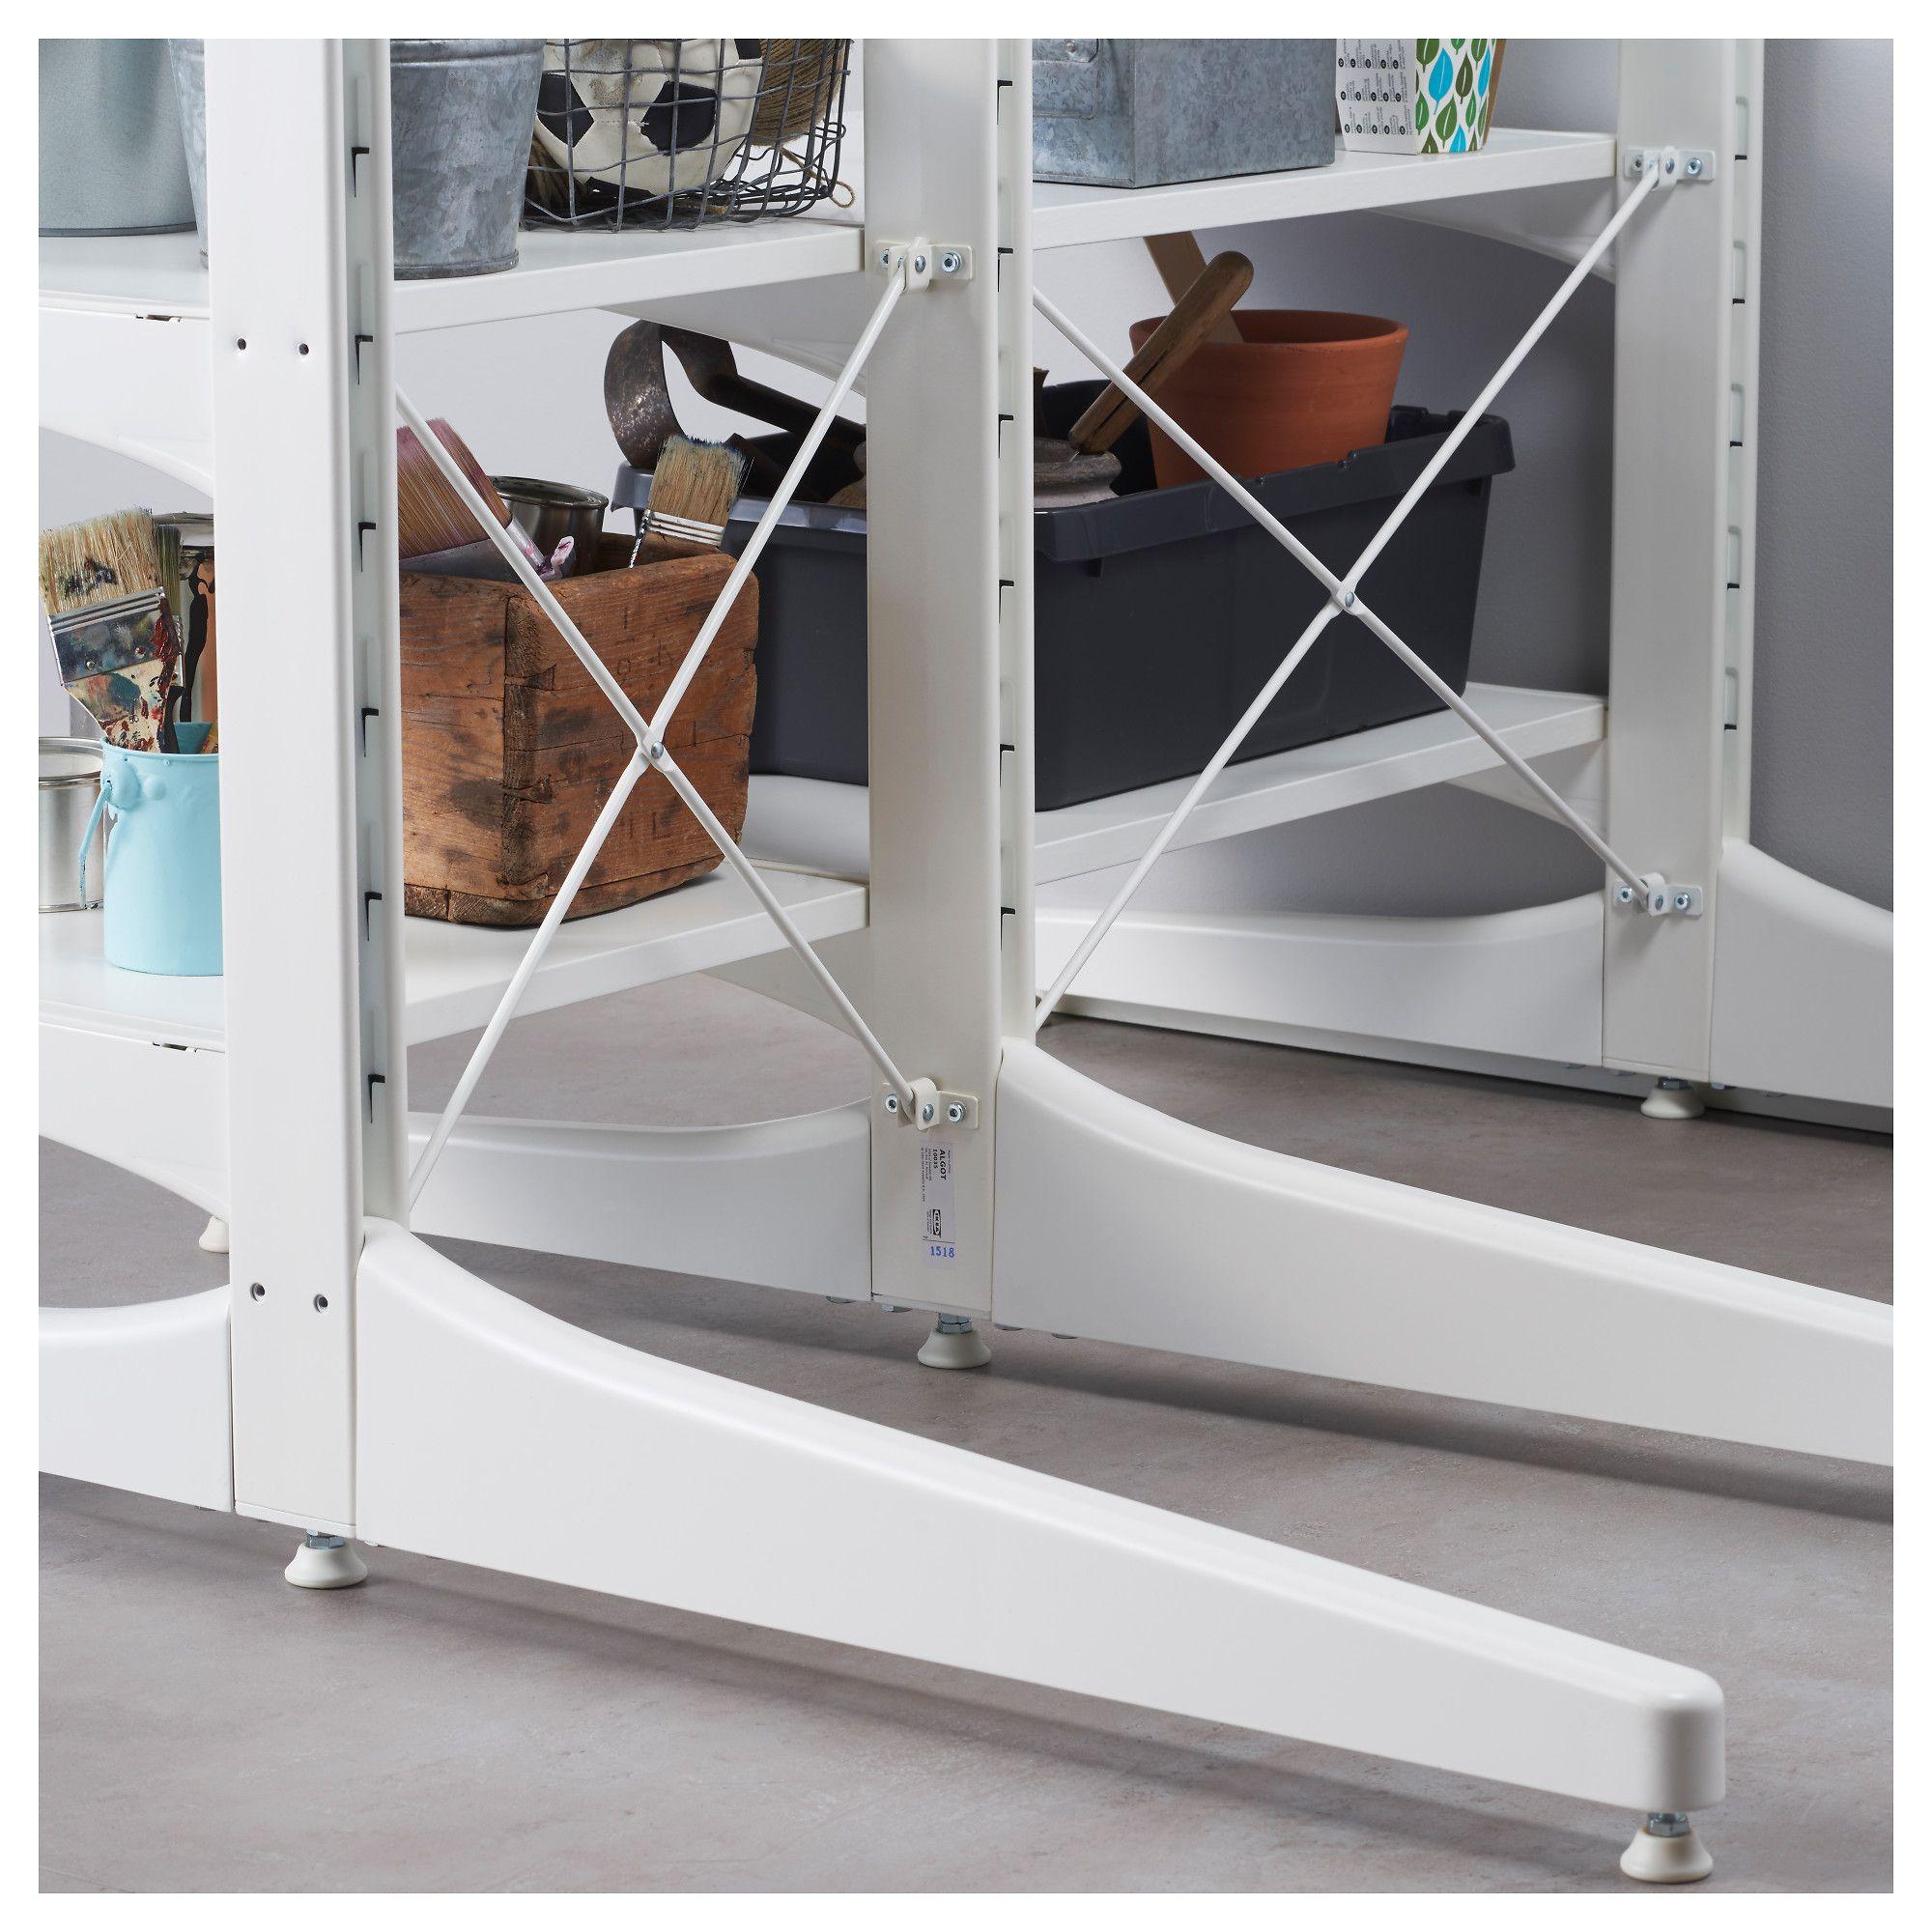 Ikea Houten Ladekastje.Algot Top Rail With Cross Brace White Ikea Products Wardrobe